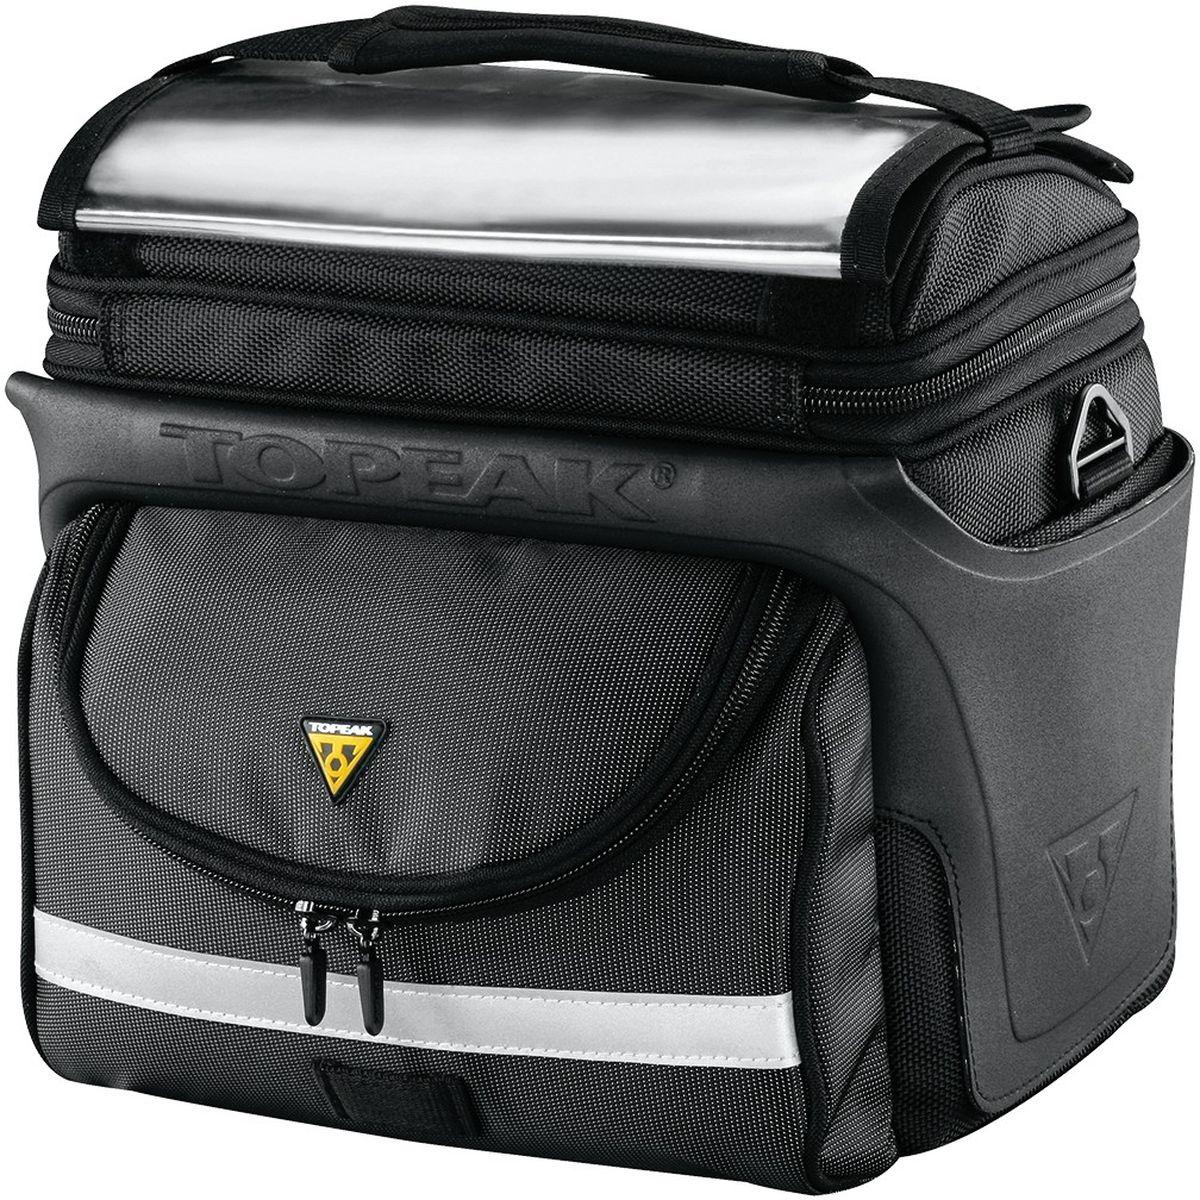 Велосумка на руль TOPEAK TourGuide Handlebar Bag DX, с креплениемTT3022BУдобная сумка Topeak TourGuide с быстросъёмным креплением, для длительных путешествий. Супер прочная и устойчивая к любым внешним условиям, многофункциональная сумка с системой QuickClick скрасит любую поездку, позволяя перевозить любые личные вещи. Отличается существенной вместимостью, при этом не мешает в поездке, позволяя удачно совмещать приятное с полезным. Дополнительное удобство обеспечивается разделением основного отделения дополнительными боковыми карманами на молнии. Мягкий наполнитель Eva выступает в качестве дополнительной защиты содержимого. Для безопасности в тёмное время суок предусмотрена светоотражающая полоска. Объем : 7.70 л. Вес: 1,23 кг. Размер: 27 x 21.5 x 26.6 см. Максимальная нагрузка: 5 кг.